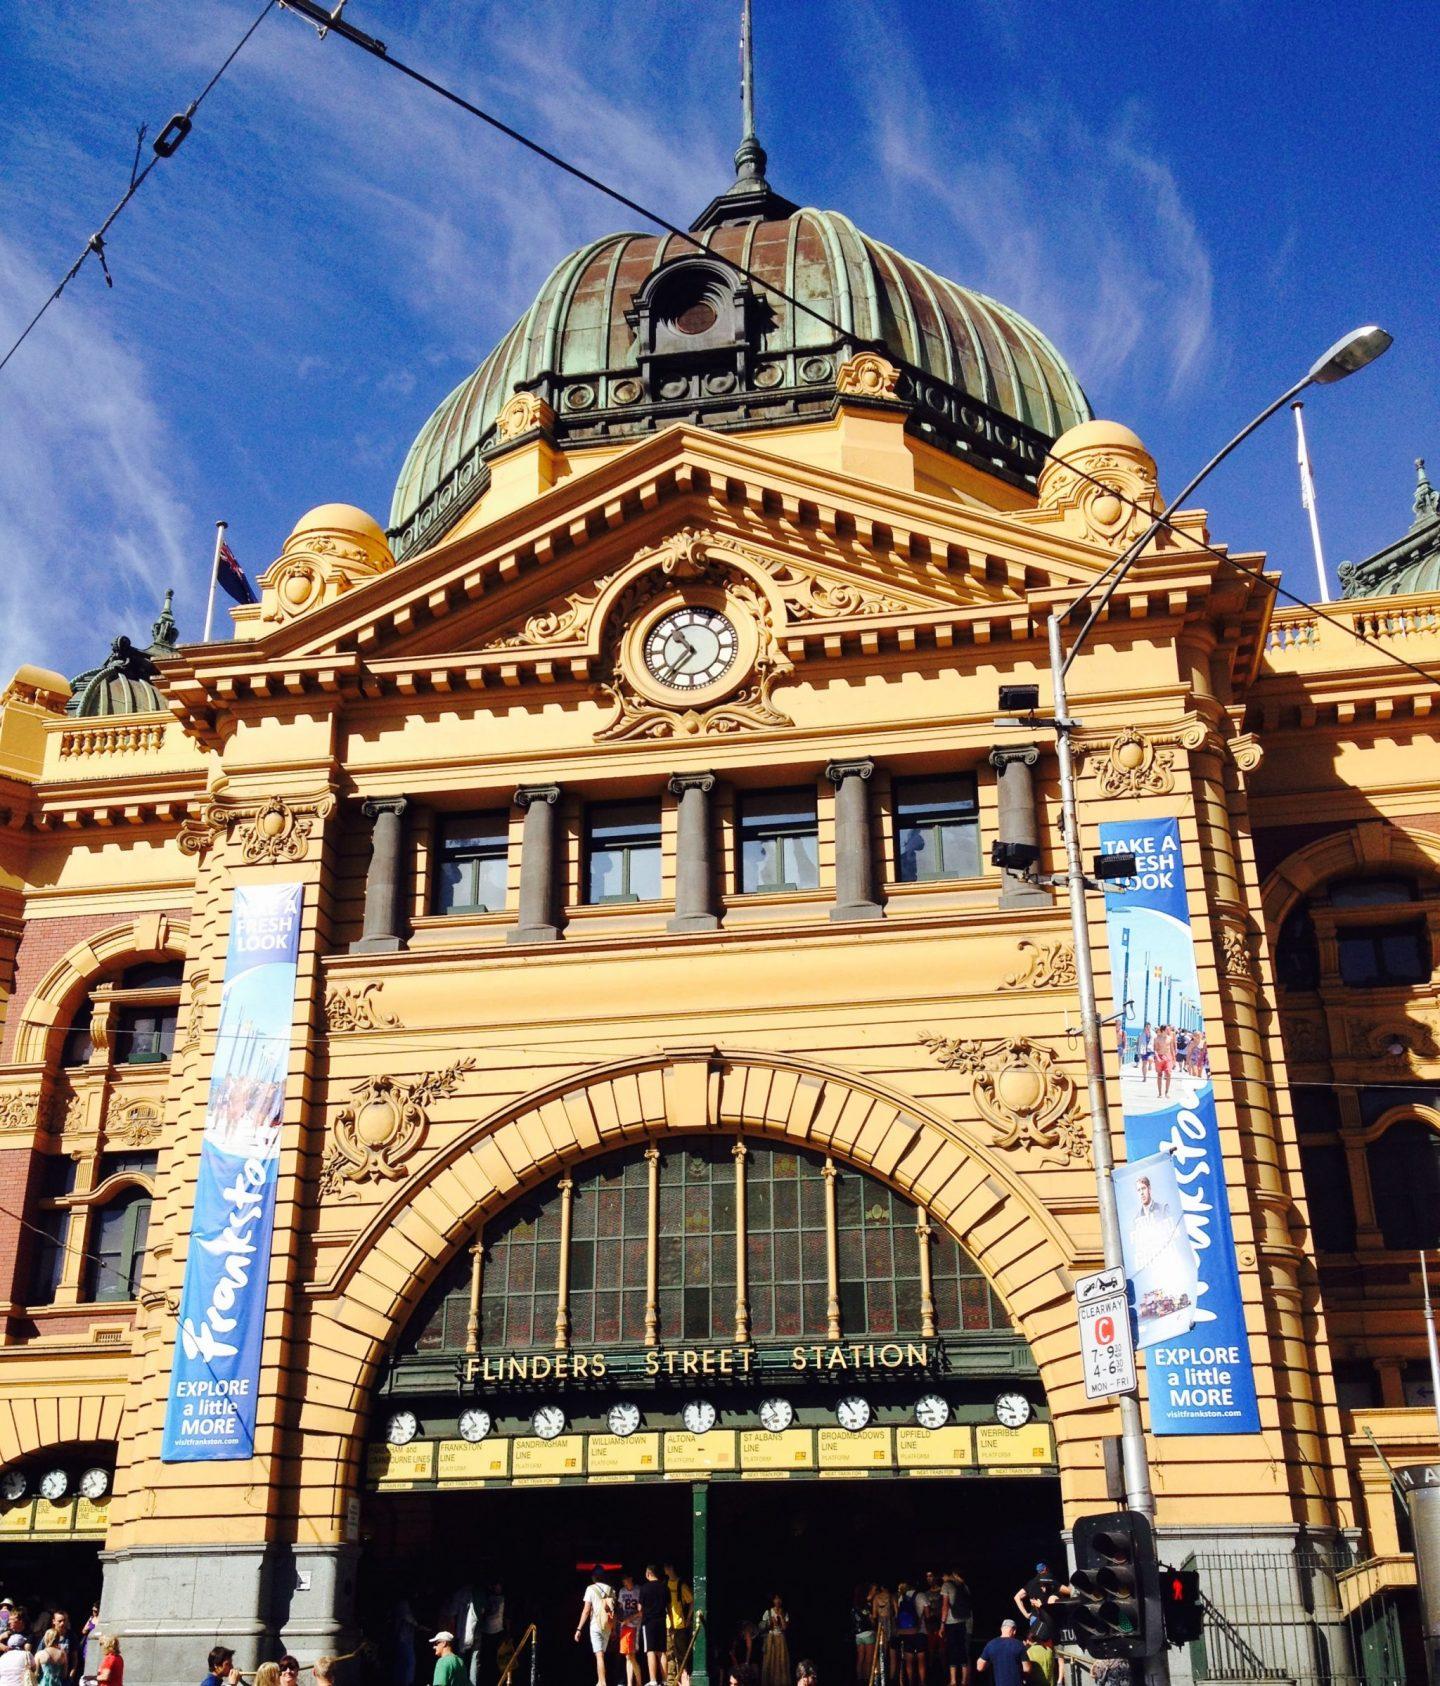 Flinders Street Station, Melbourne, Victoria